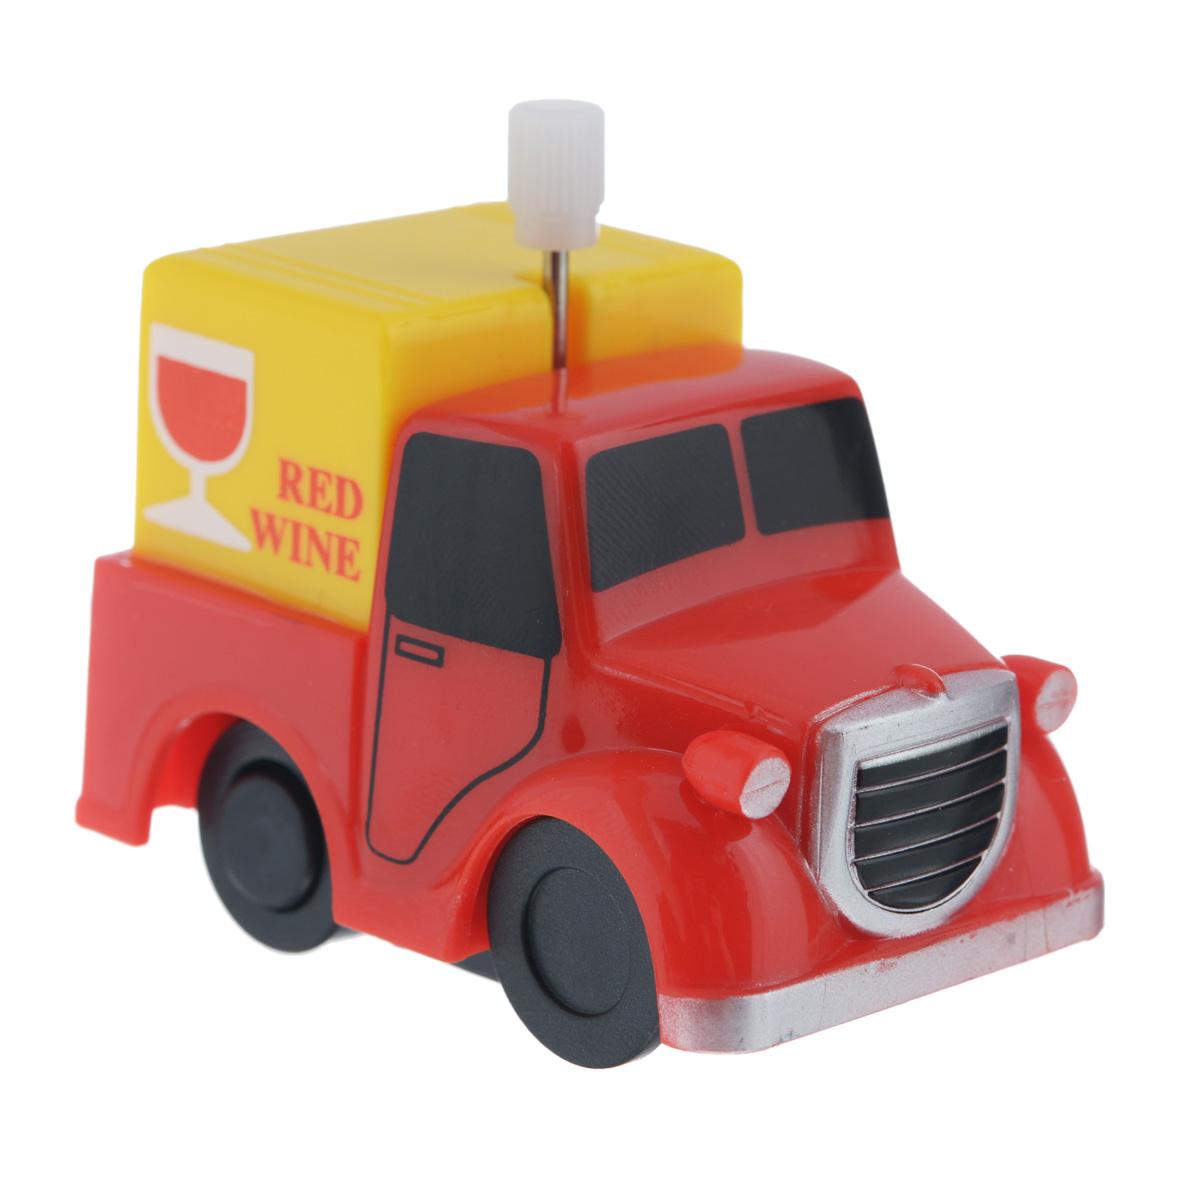 Игрушка заводная Грузовичок Red Wine2K-012BD_ Red WineИгрушка Hans Грузовичок Red Wine привлечет внимание вашего малыша и не позволит ему скучать! Выполненная из безопасного пластика, игрушка представляет собой грузовичок. Игрушка имеет механический завод. Для запуска, придерживая колеса, поверните заводной ключ по часовой стрелке до упора. Установите игрушку на поверхность и она поедет вперед. Заводная игрушка Hans Грузовичок Red Wine поможет ребенку в развитии воображения, мелкой моторики рук, концентрации внимания и цветового восприятия.